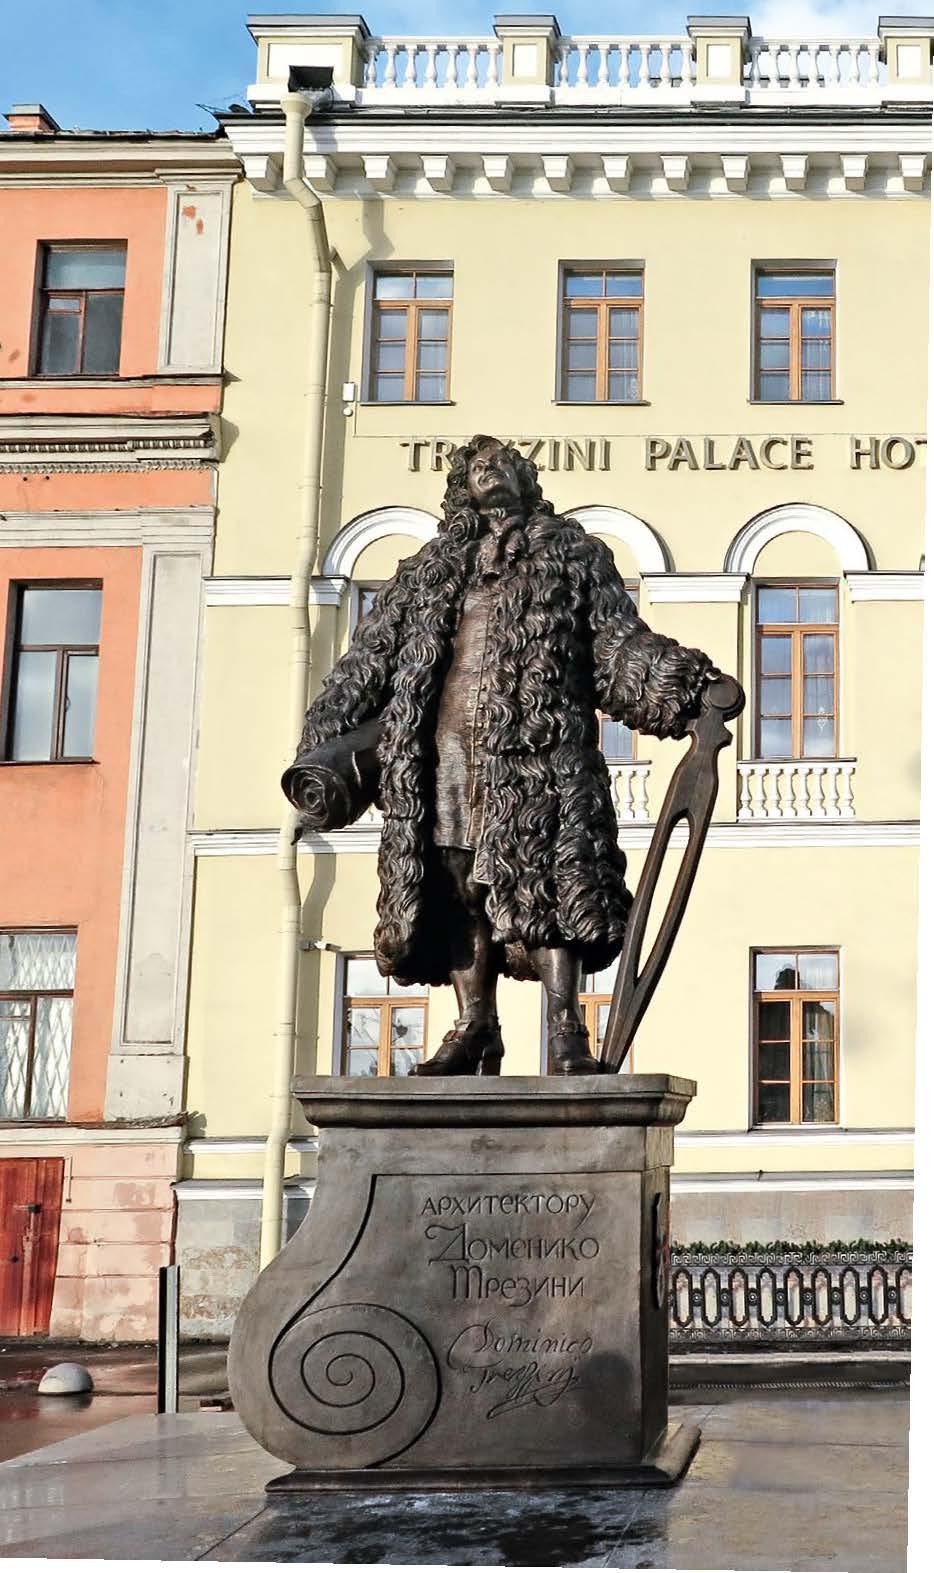 Памятник архитектору Доменико Трезини в Санкт-Петербурге